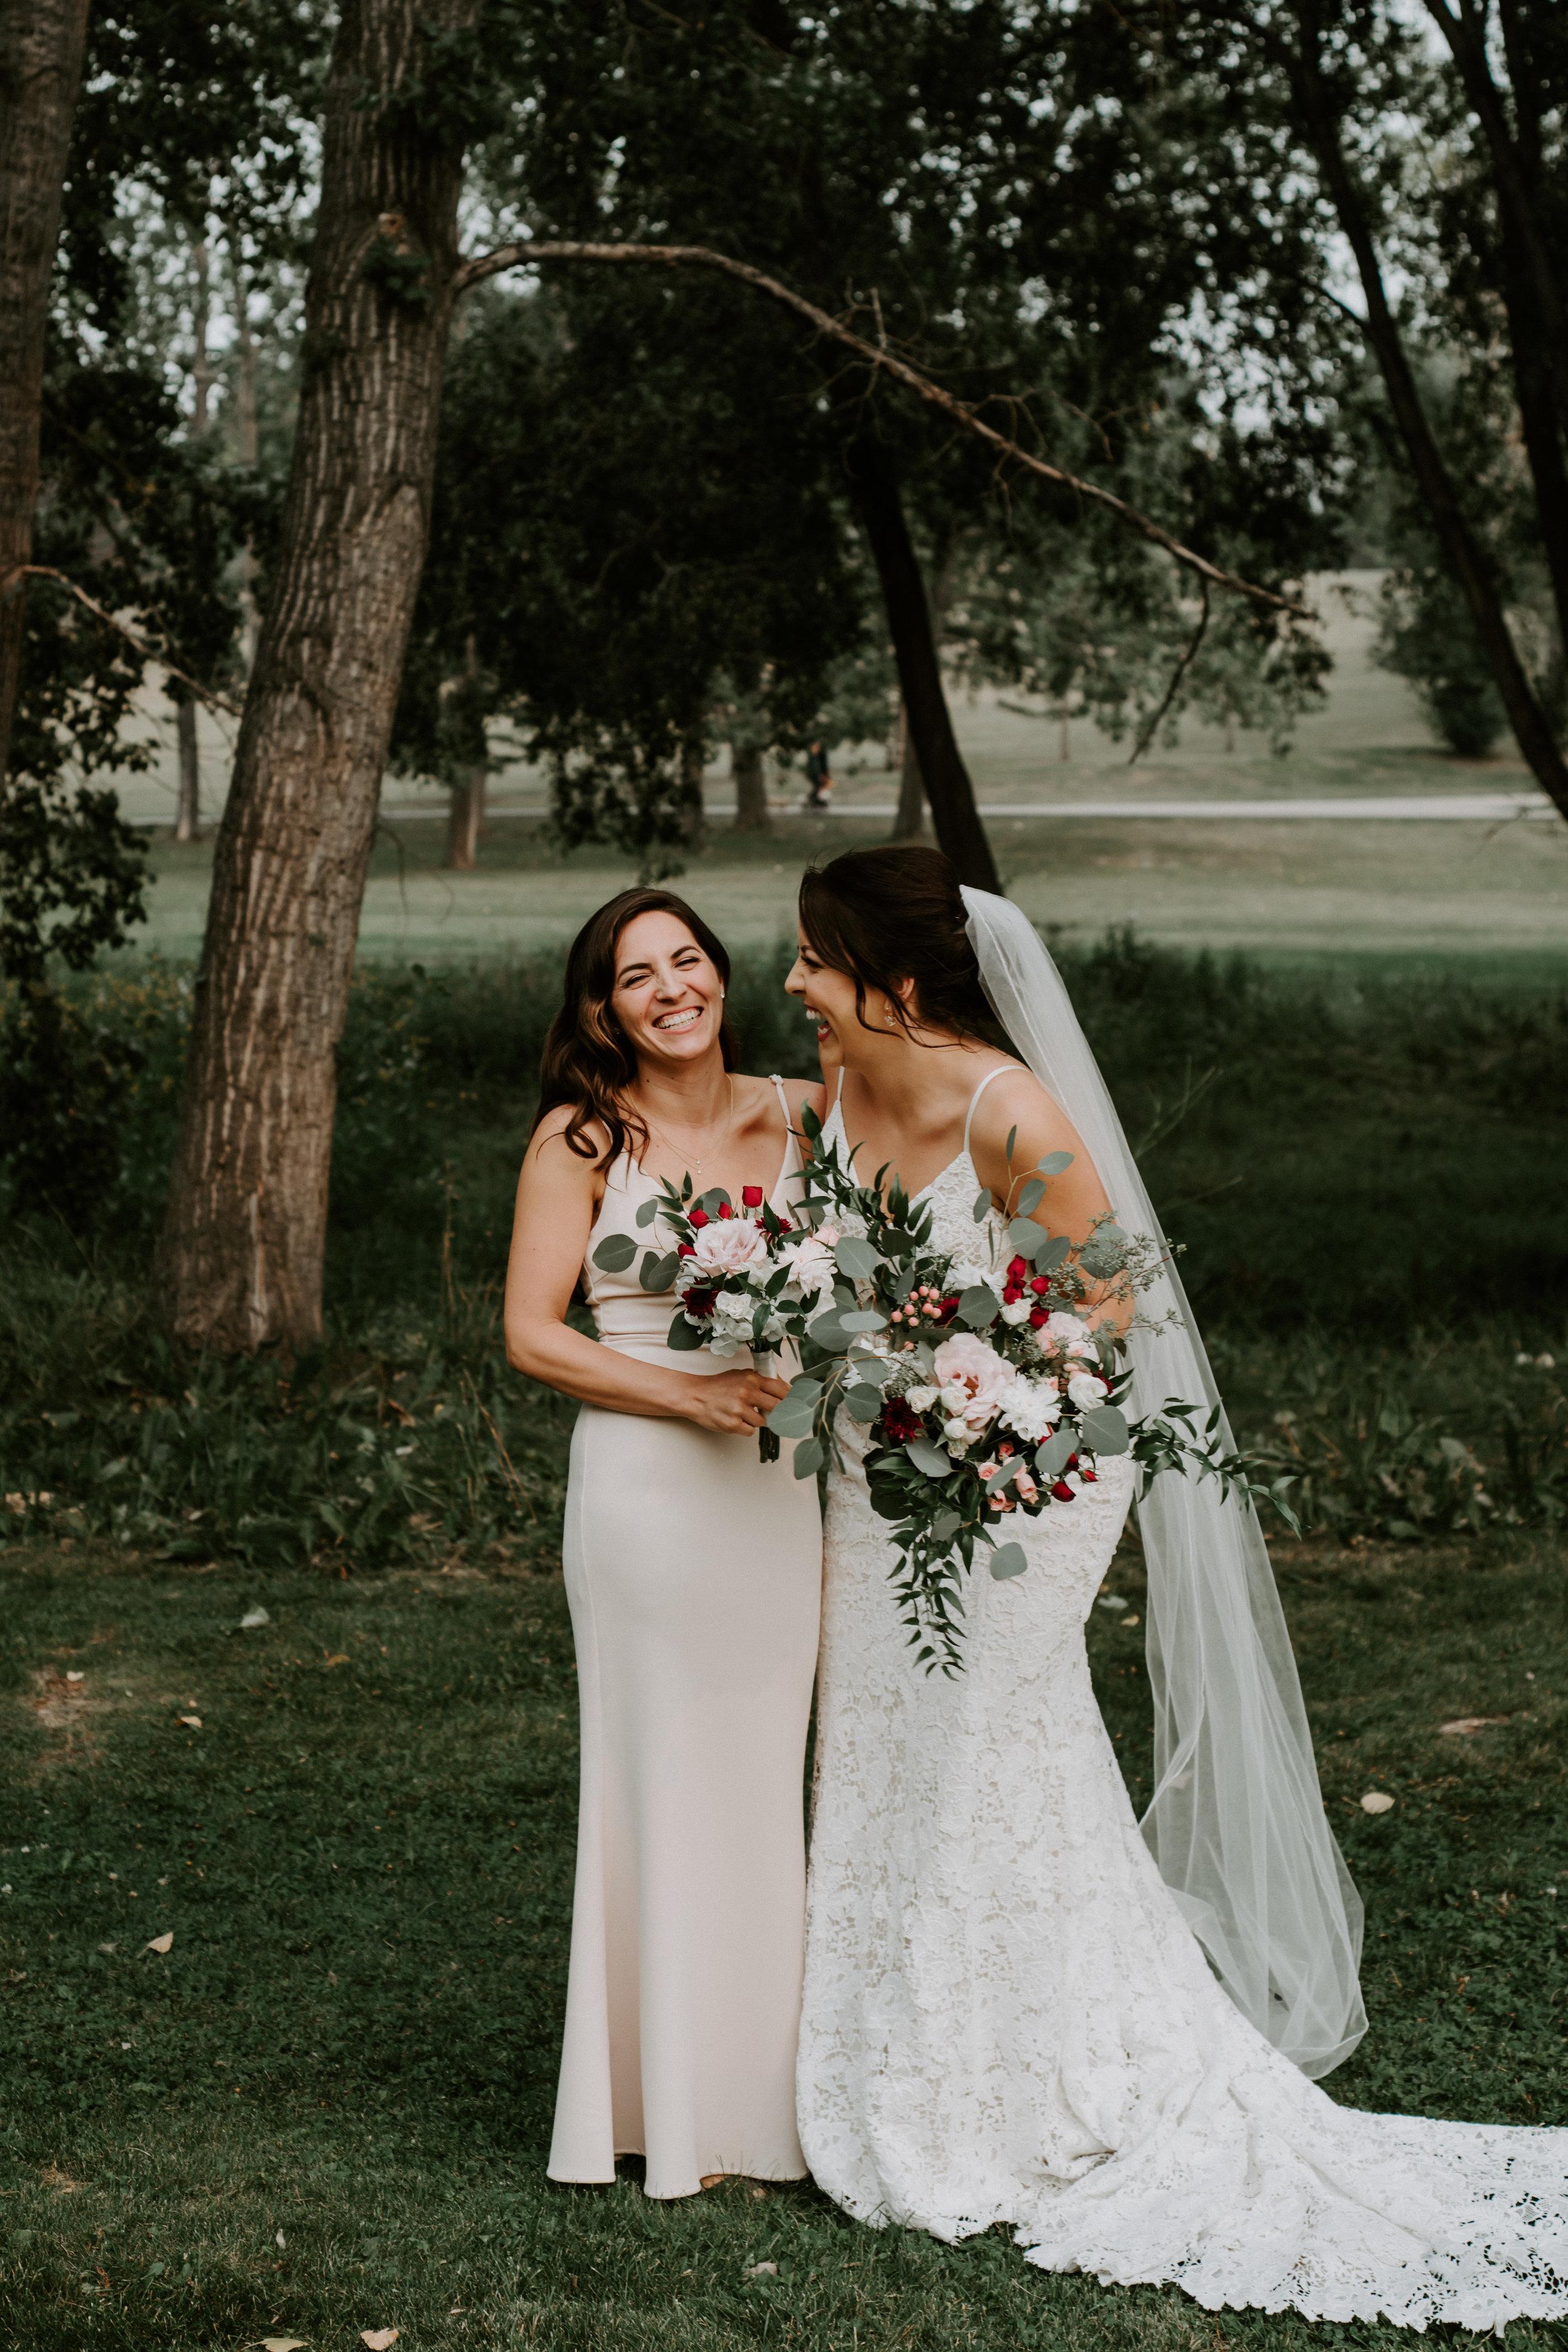 Calgary Wedding Photographer - 48 of 84.jpg